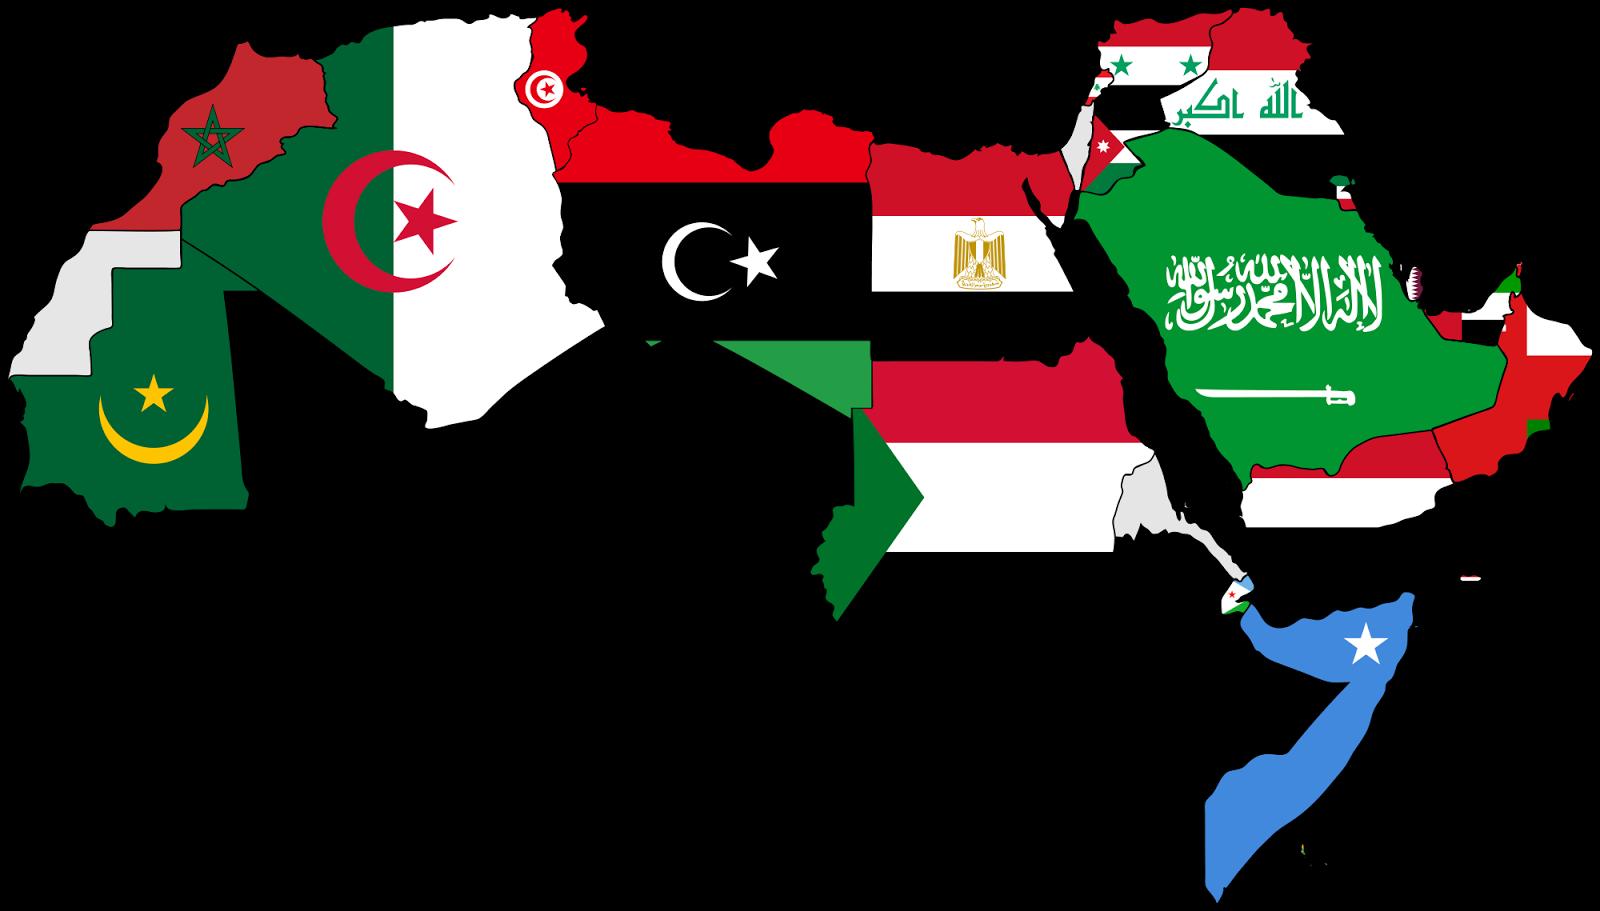 Suriah Ikut Pertemuan Negara Arab Perdana Sejak Perang Sipil